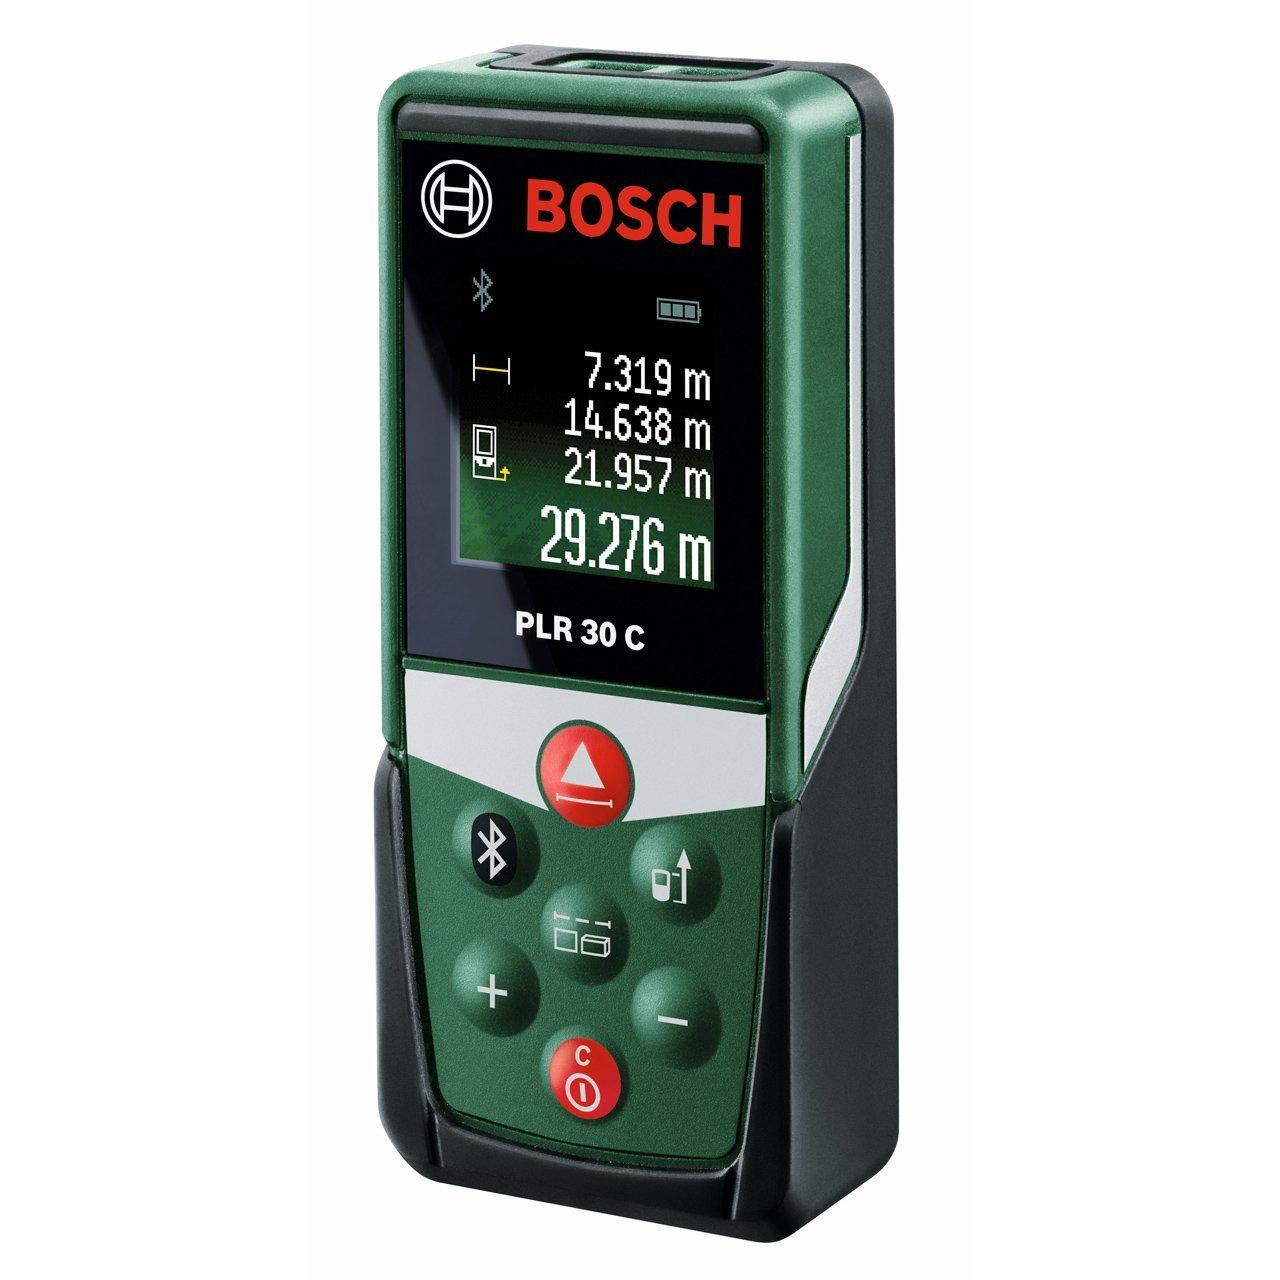 Bosch Entfernungsmesser amazon